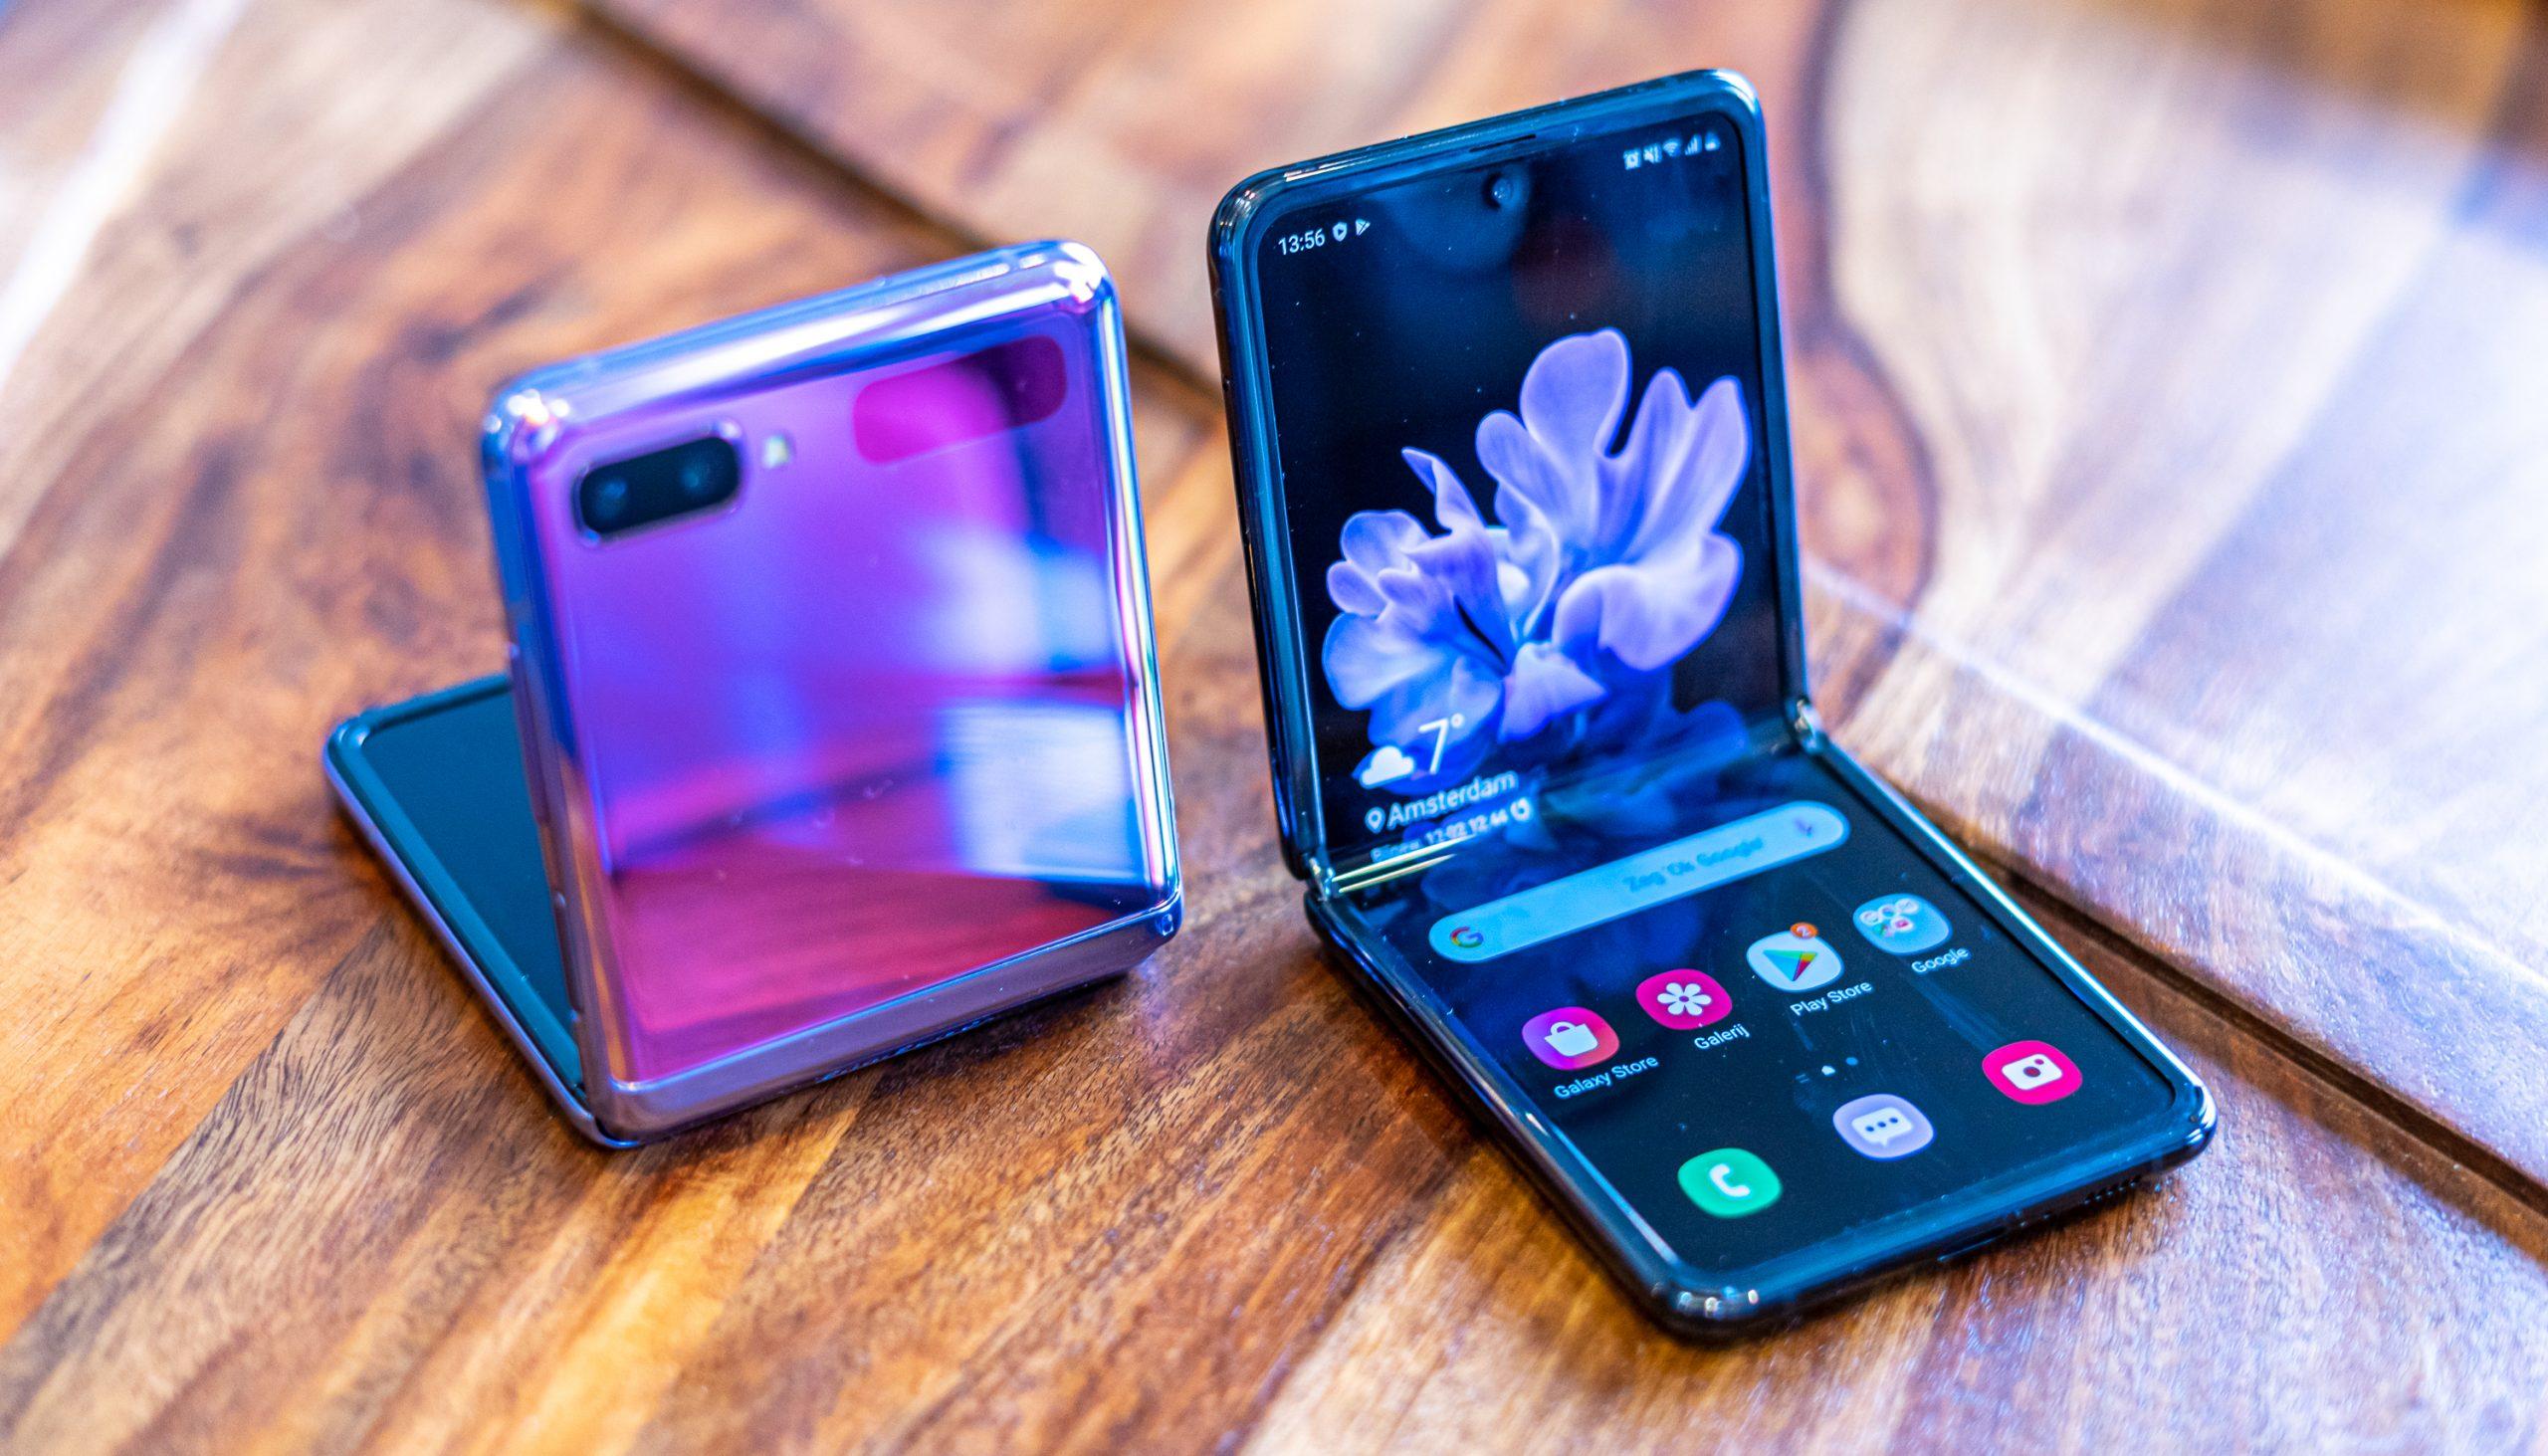 De Galaxy Z Flip 2 zal vooral een groter scherm aan de buitenzijde krijgen.